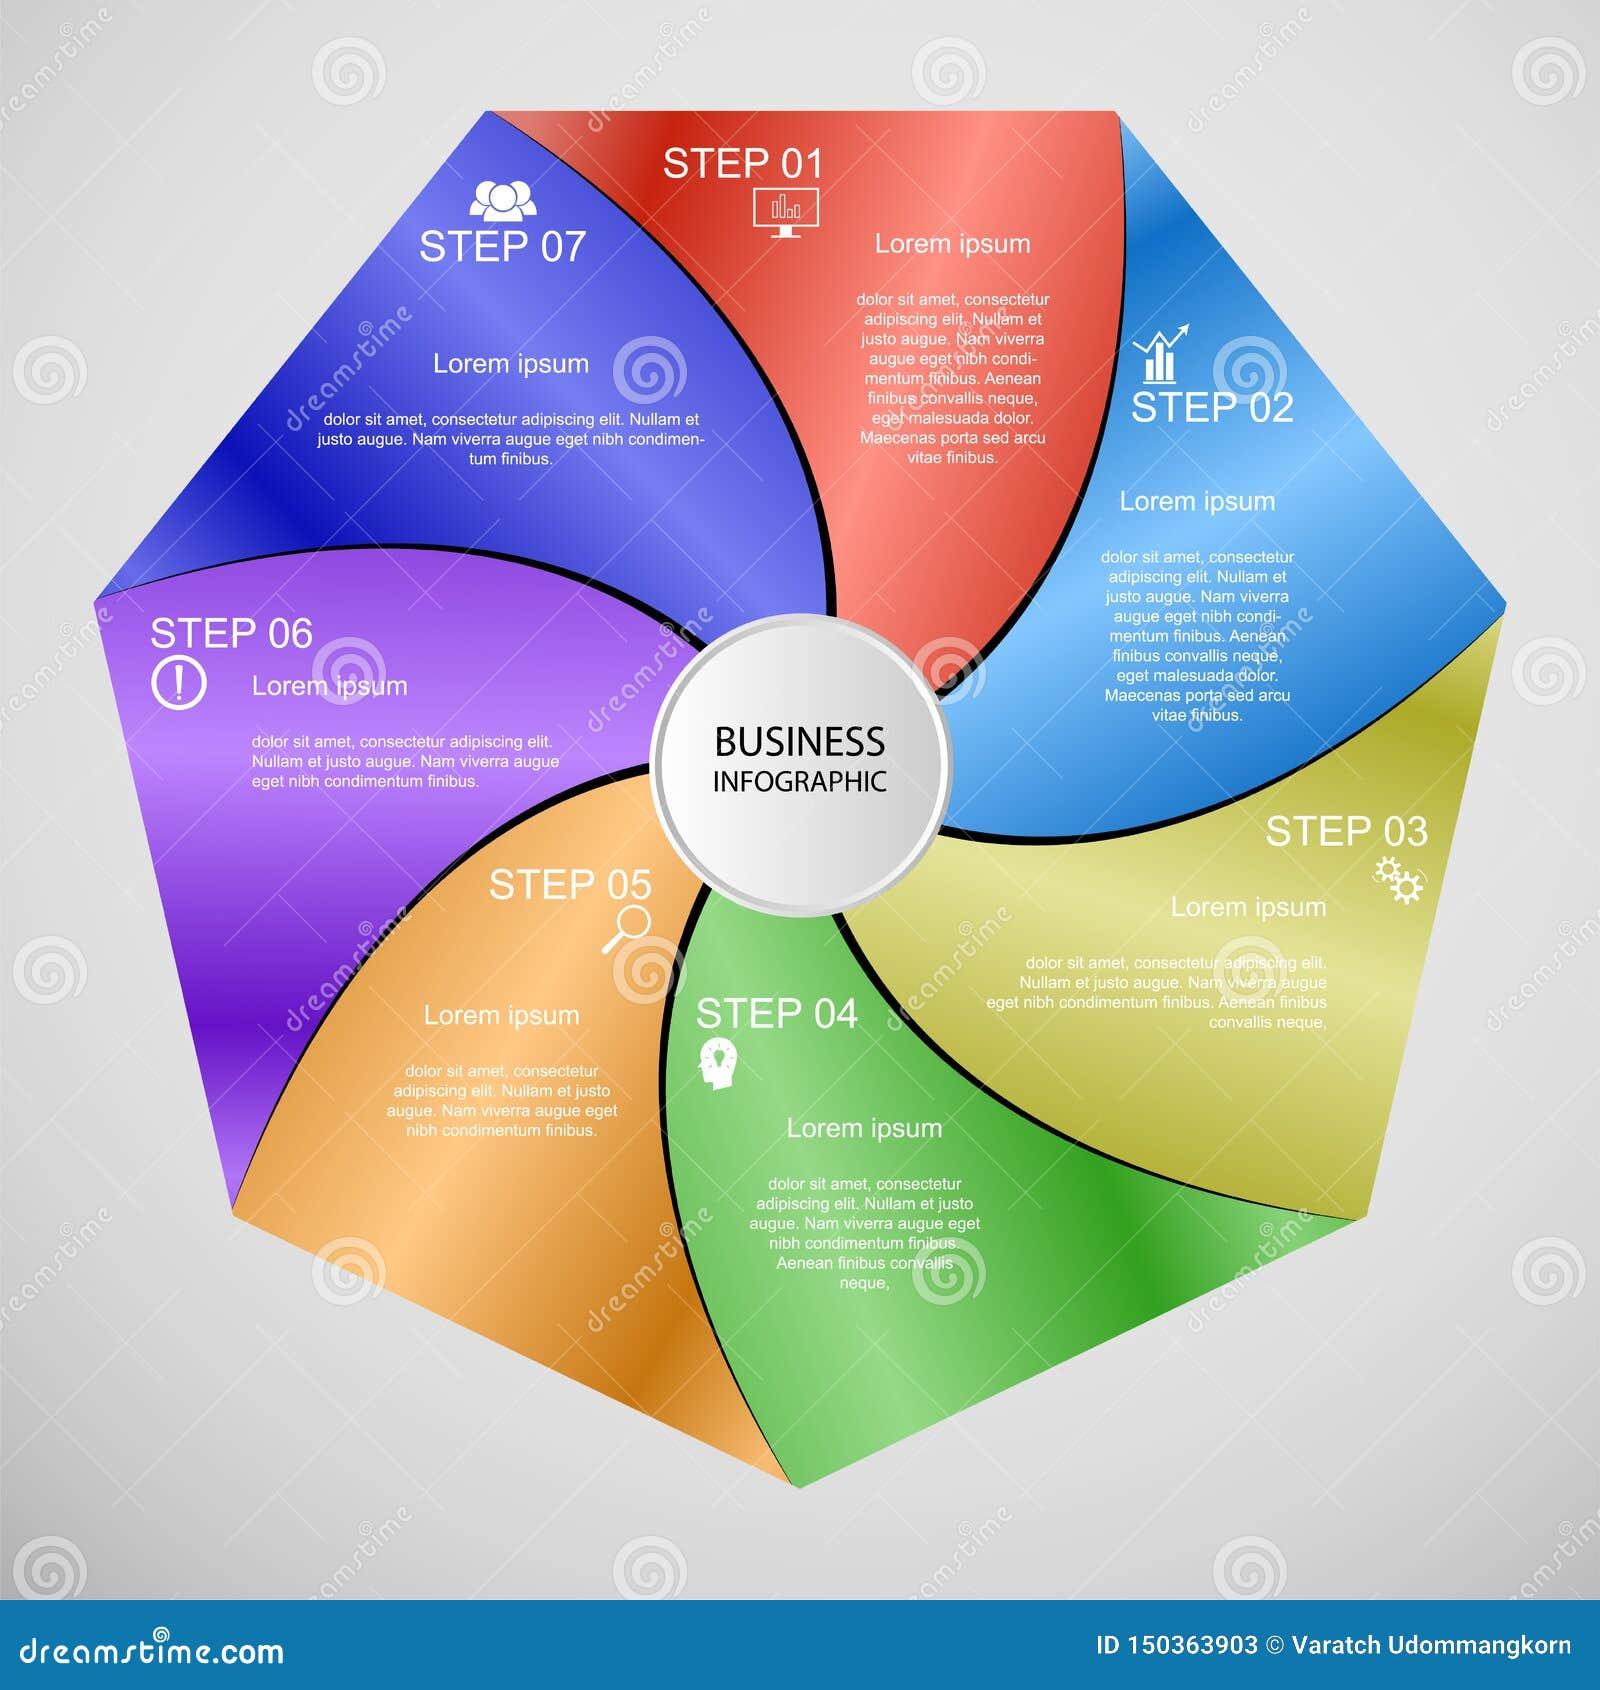 Дело InfoGraphics, геометрия, дизайн семиугольника, представление маркетинга, знамя раздела